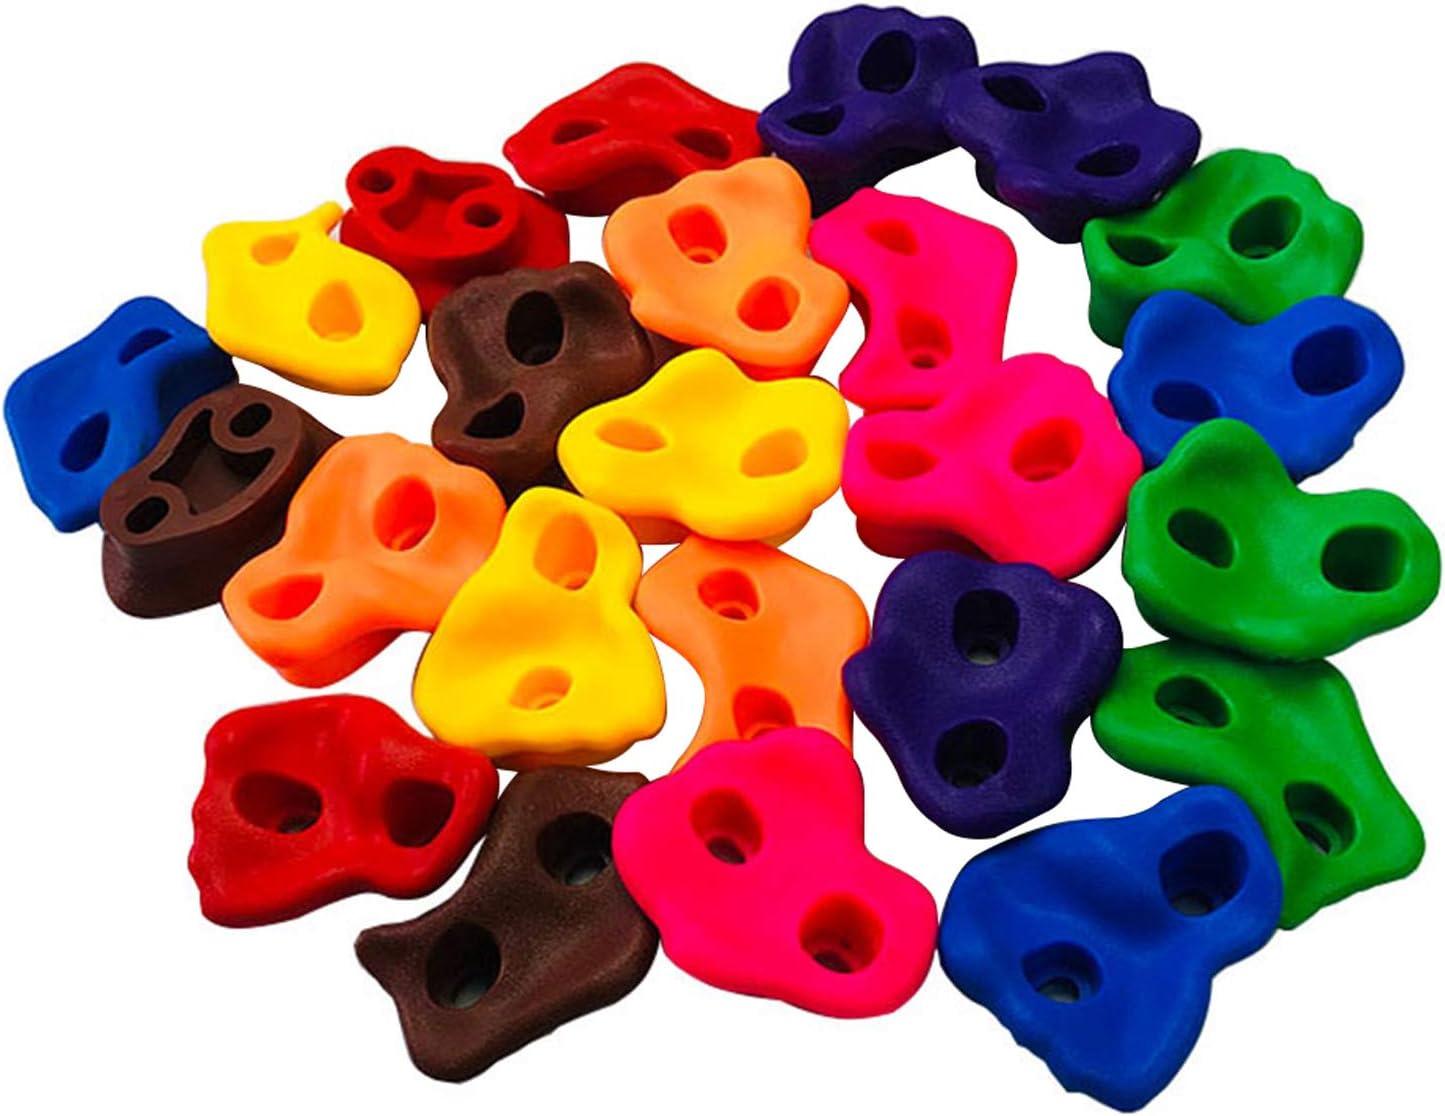 HOMYY Piedras de escalada para niños para exteriores para torre de juegos, paredes de escalada, asas de escalada multicolor, para interiores y ...